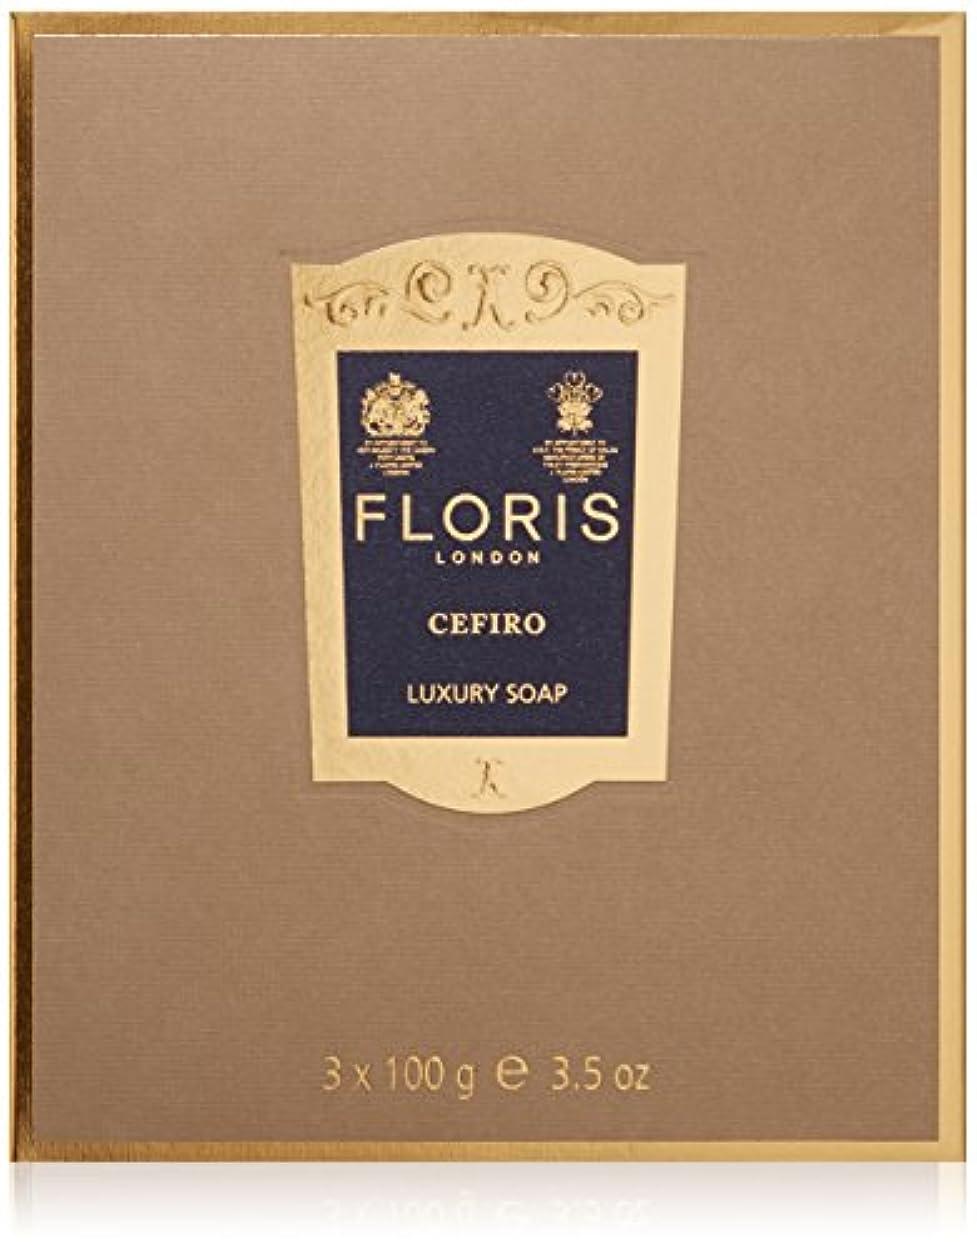 売る結晶お別れフローリス ラグジュアリーソープCF(セフィーロ) 3x100g/3.5oz